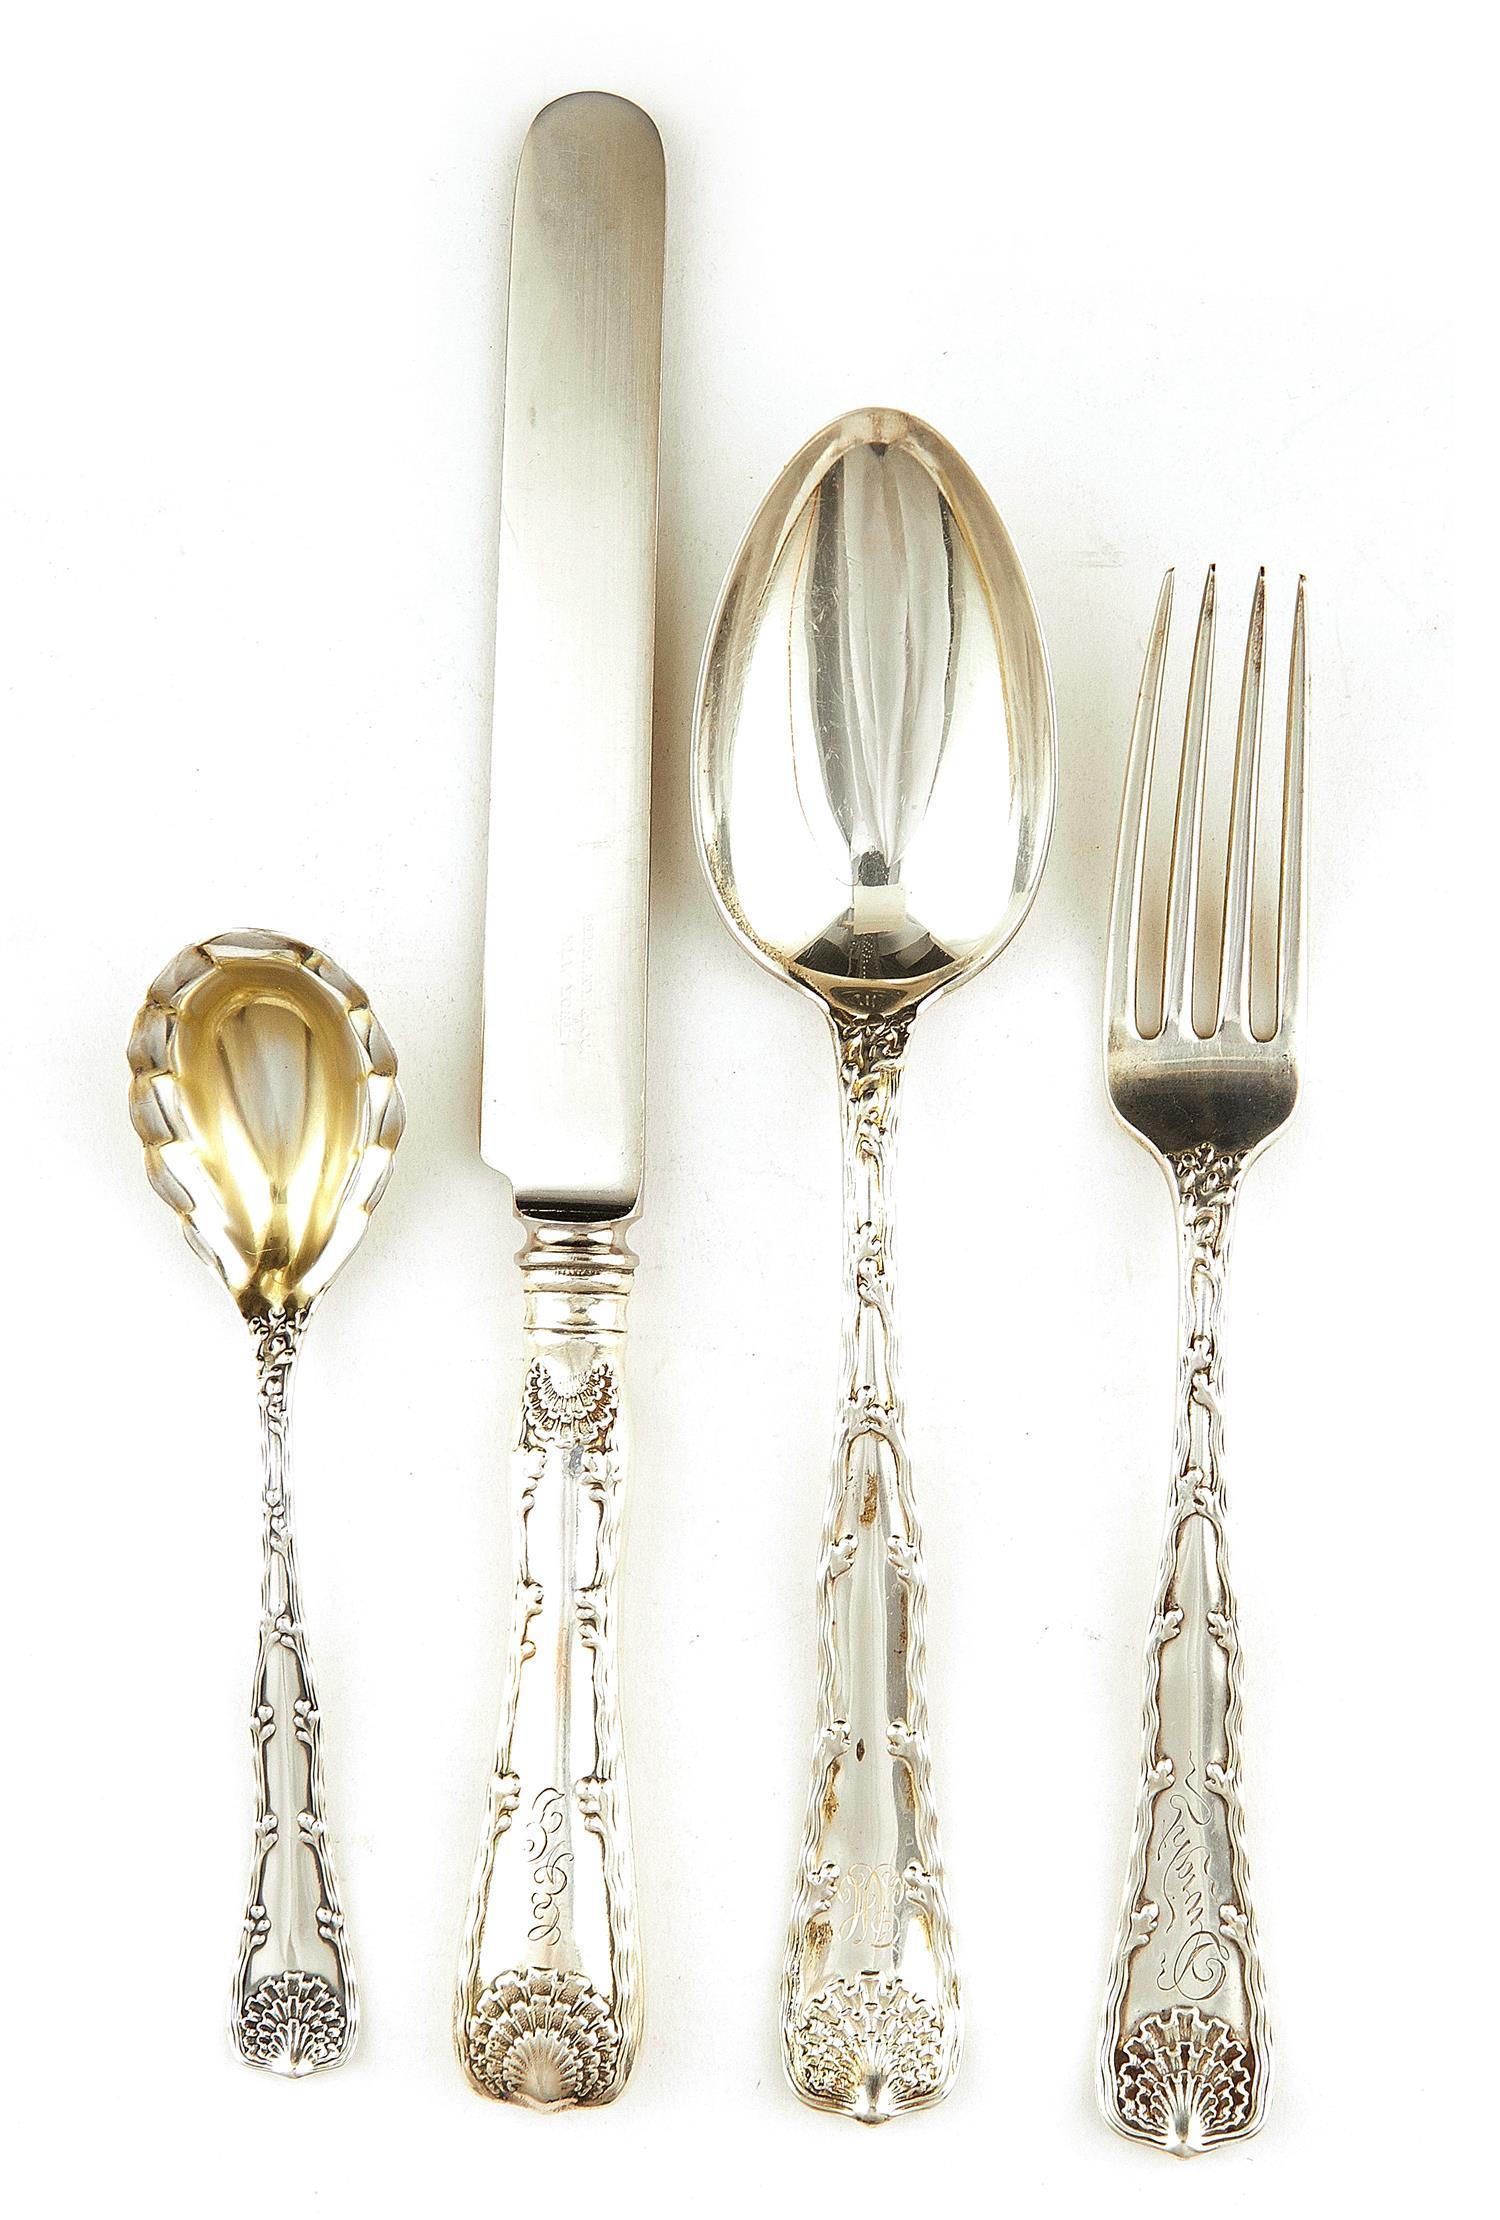 American silver flatware service, Tiffany & Co (68pcs)